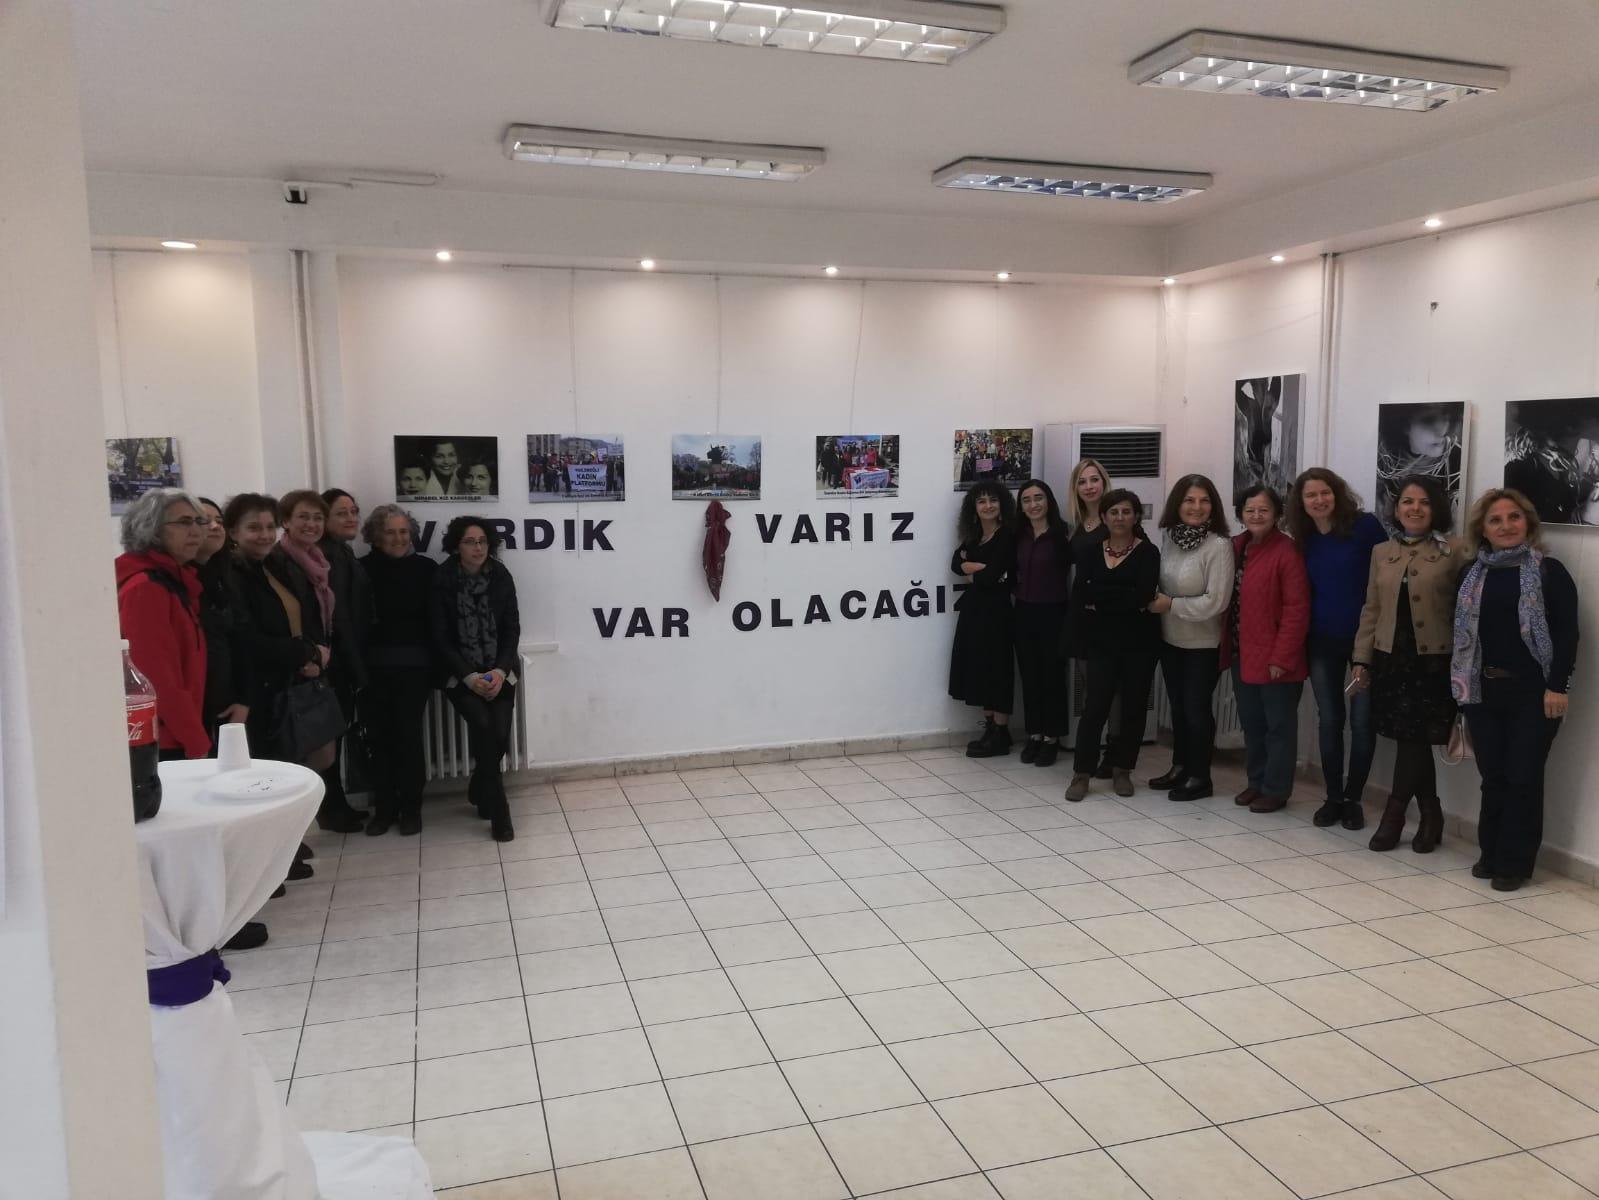 Karadeniz Ereğli'de 25 Kasım Etkinlikleri Başladı